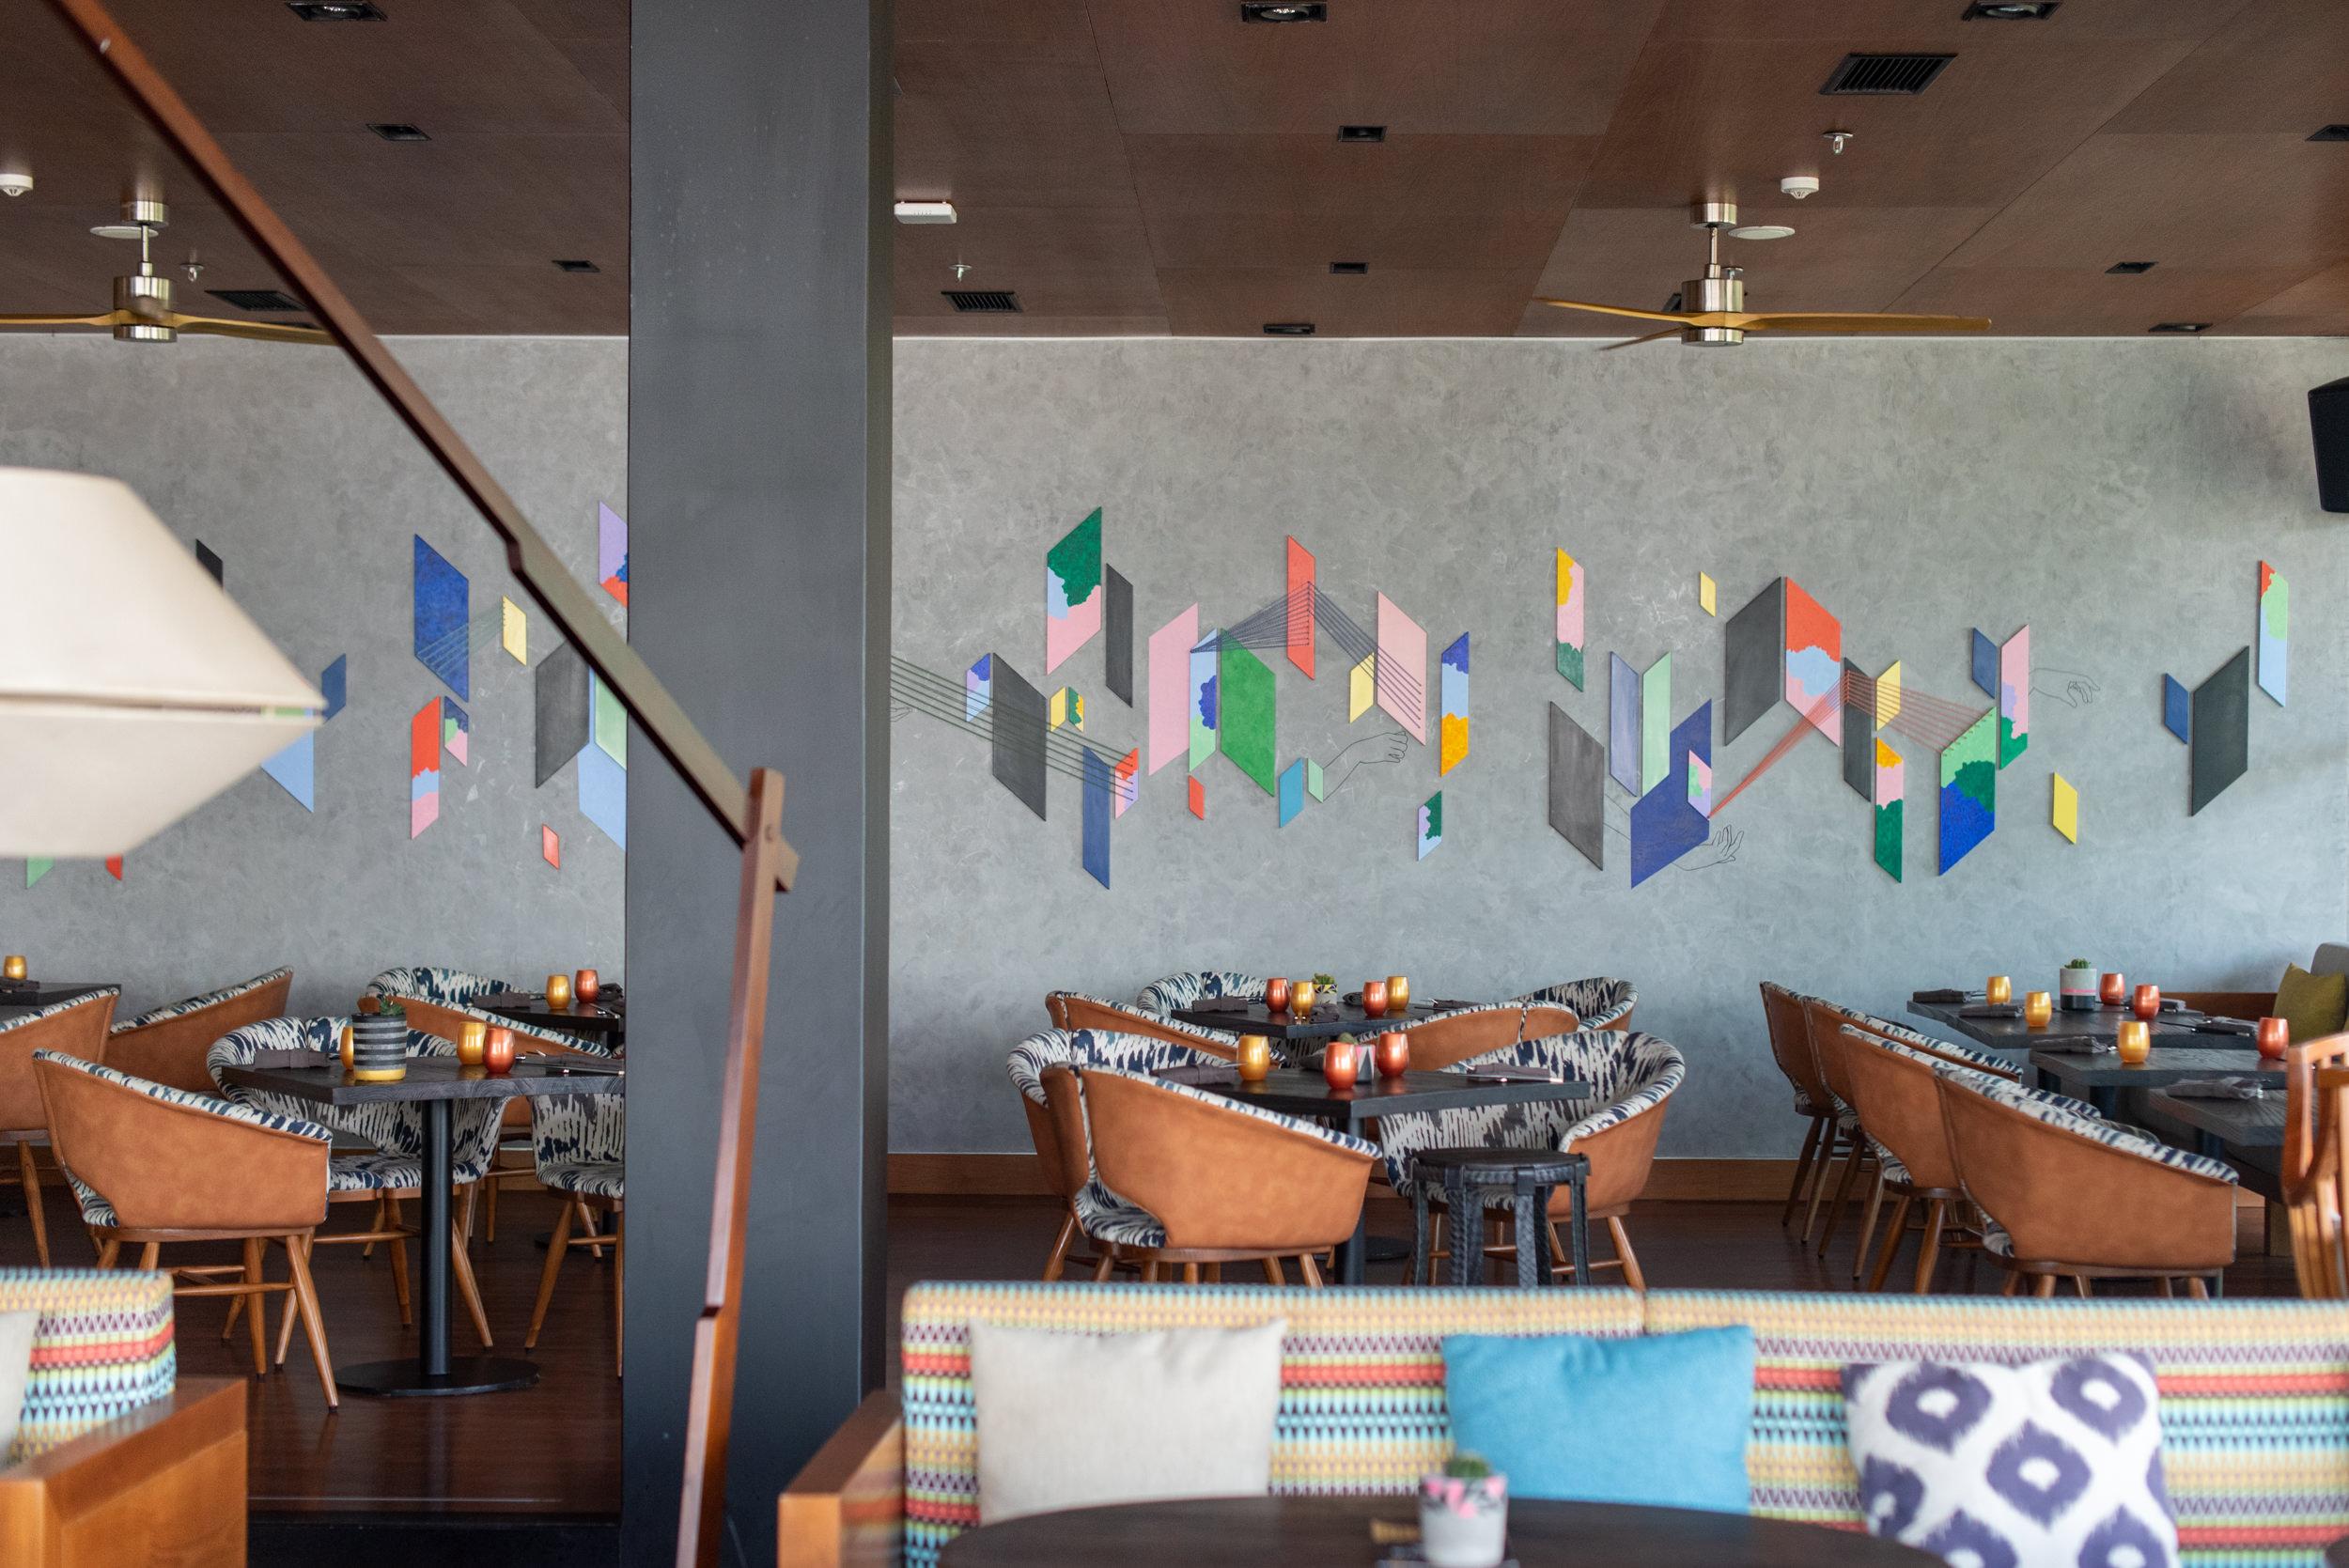 Restaurant Interiors  SugarSand - Hotel Indigo Bali Seminyak Beach